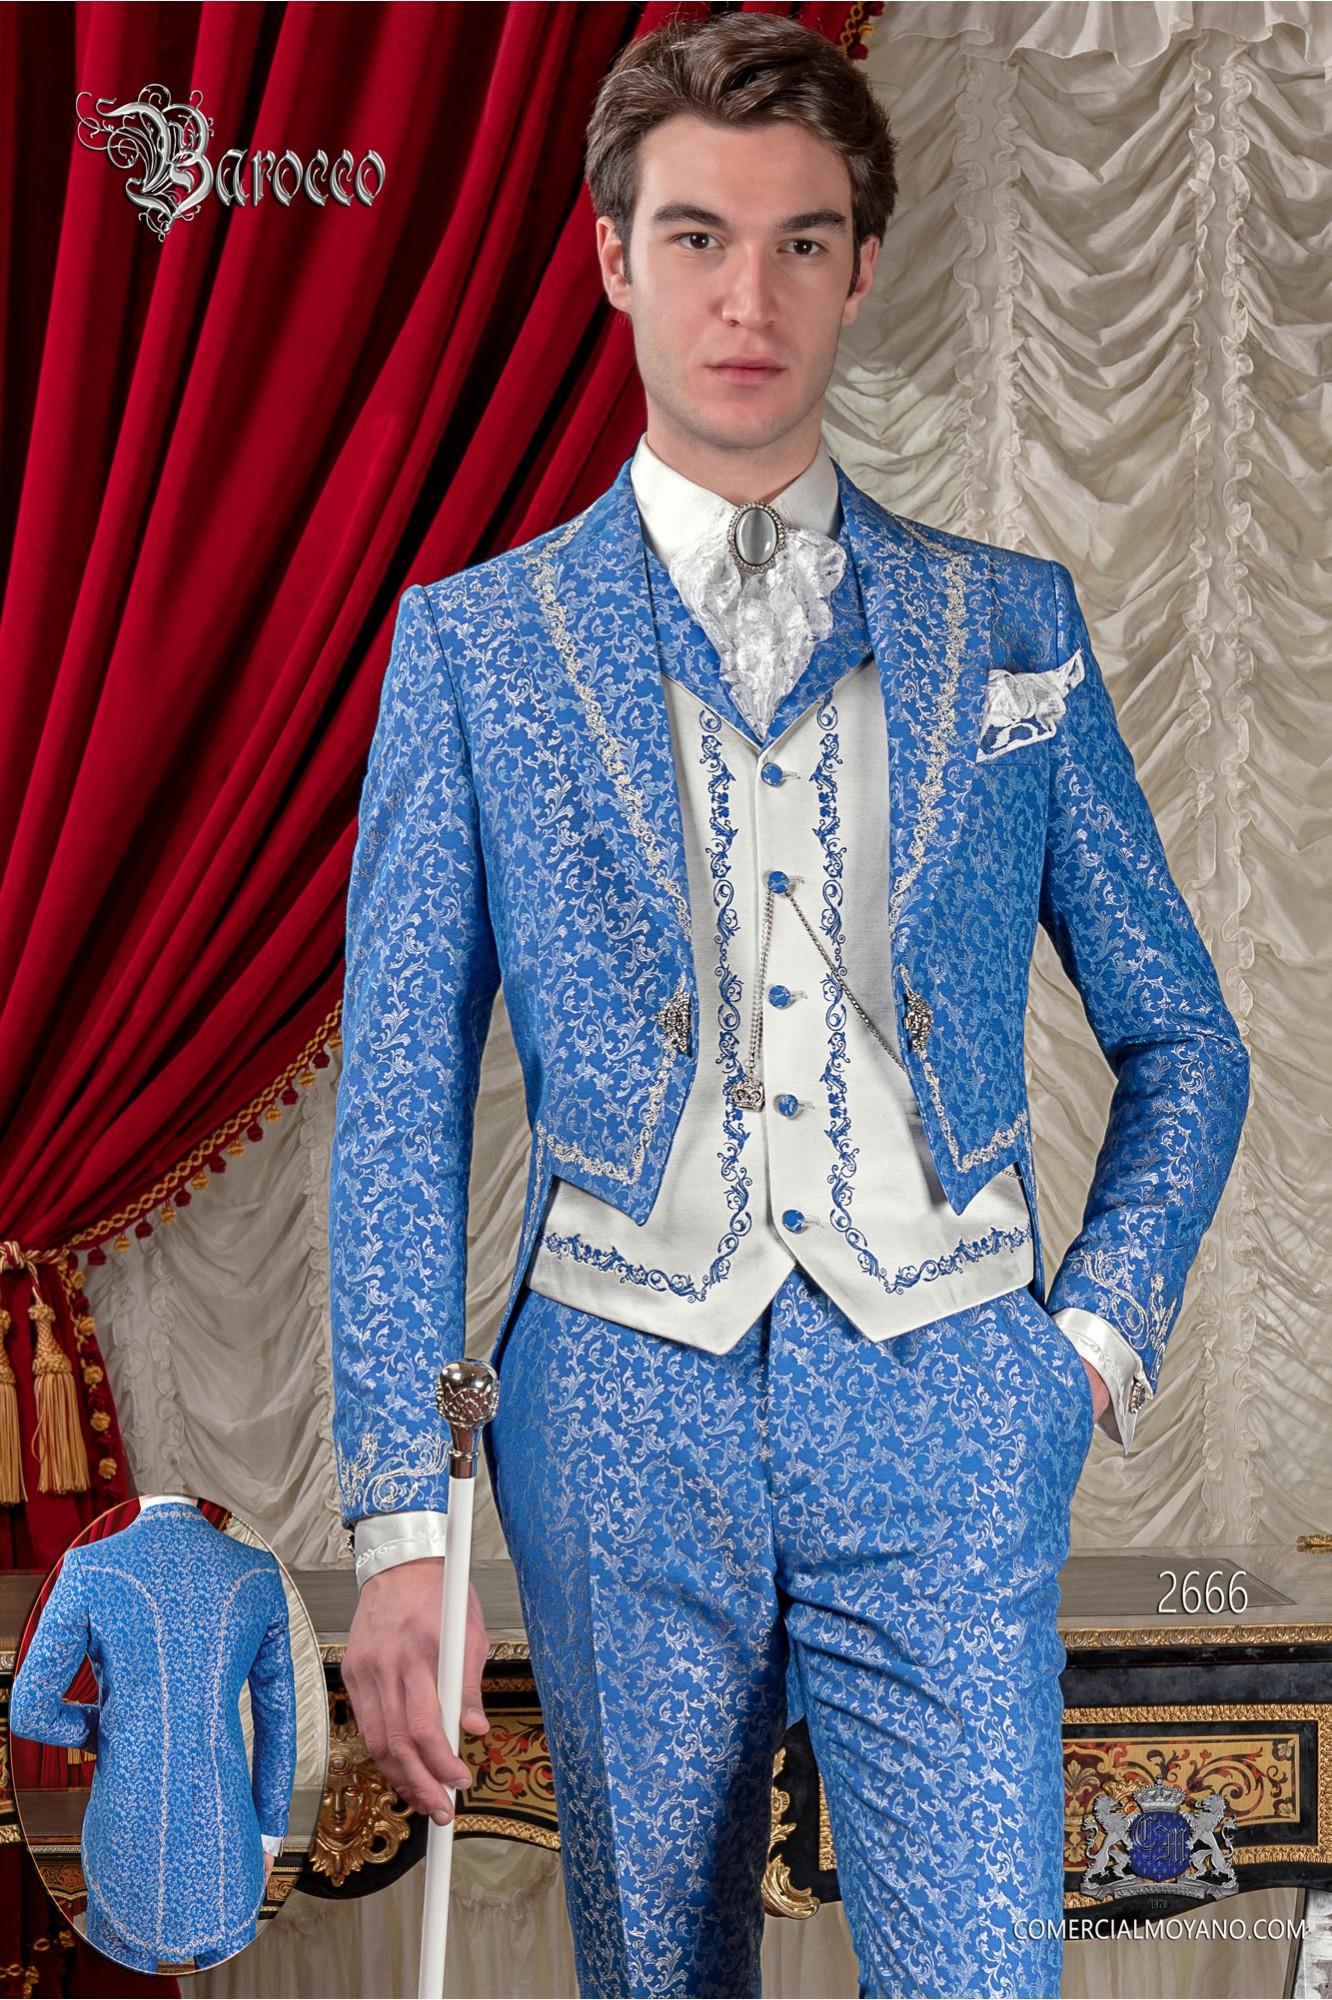 Traje de novio barroco, frac de época cuello en tejido jacquard azul y plata con bordados plateados